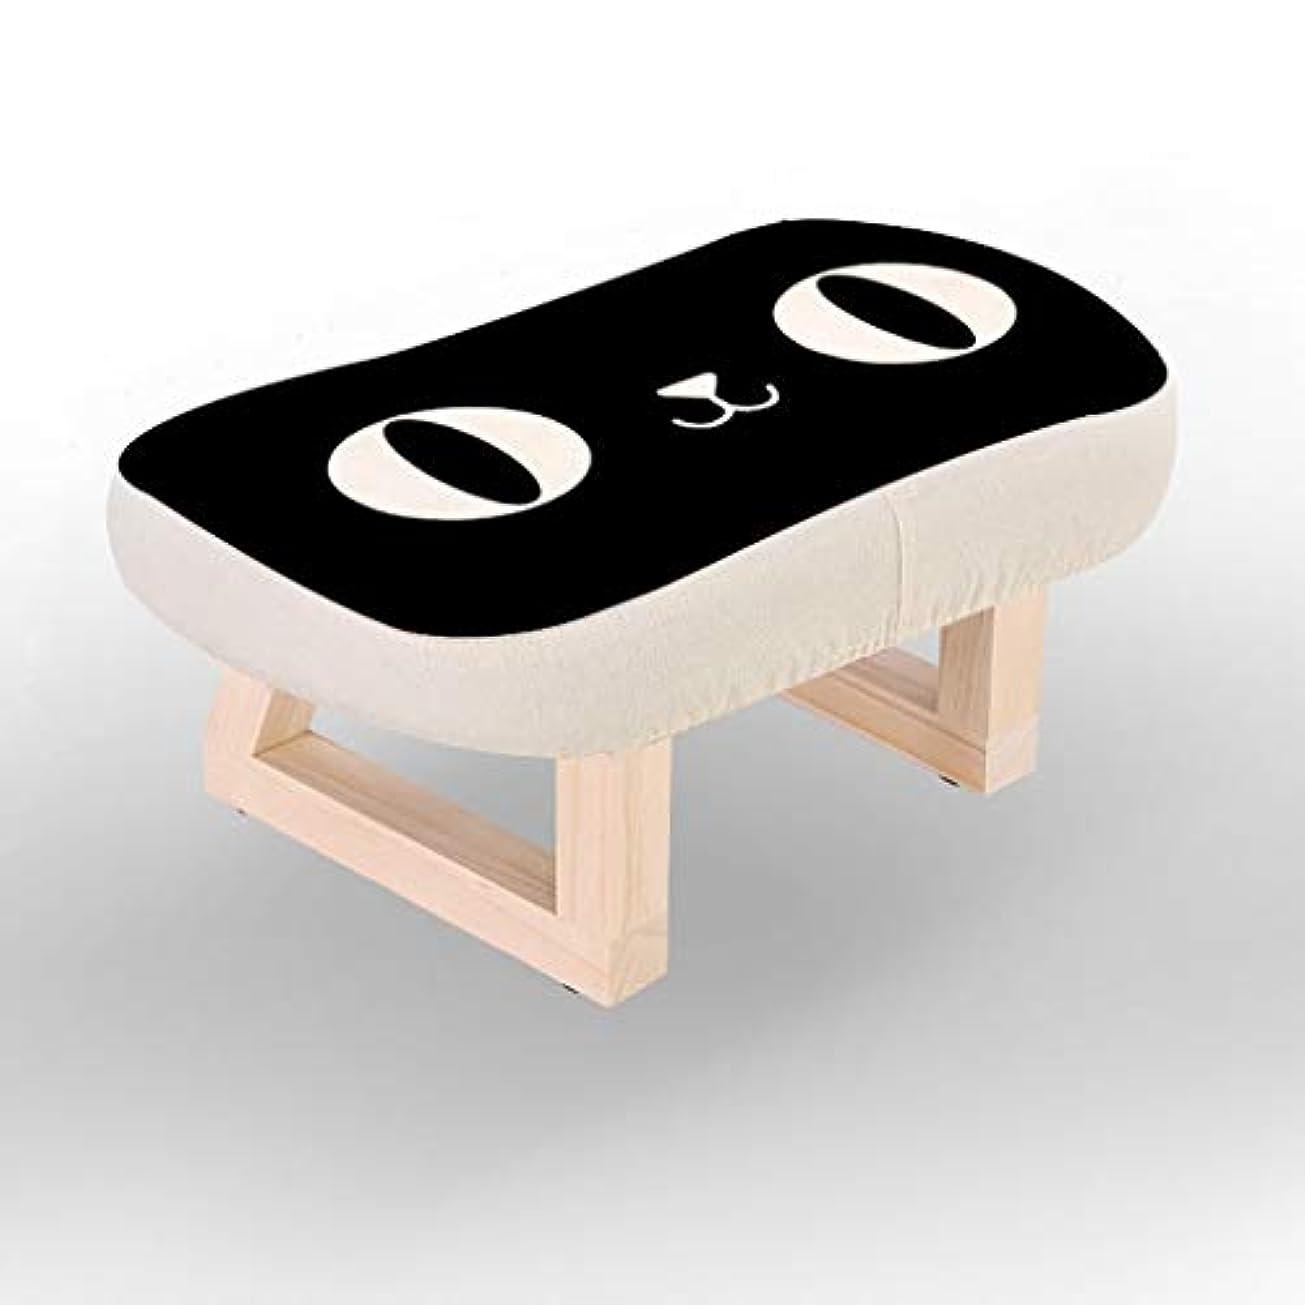 好奇心盛銅専門化するXJLXX リビングルーム木製スツールホームウェアシューズ小さなベンチ寝室の生地ソファスツール ソファースツール (Color : Black)